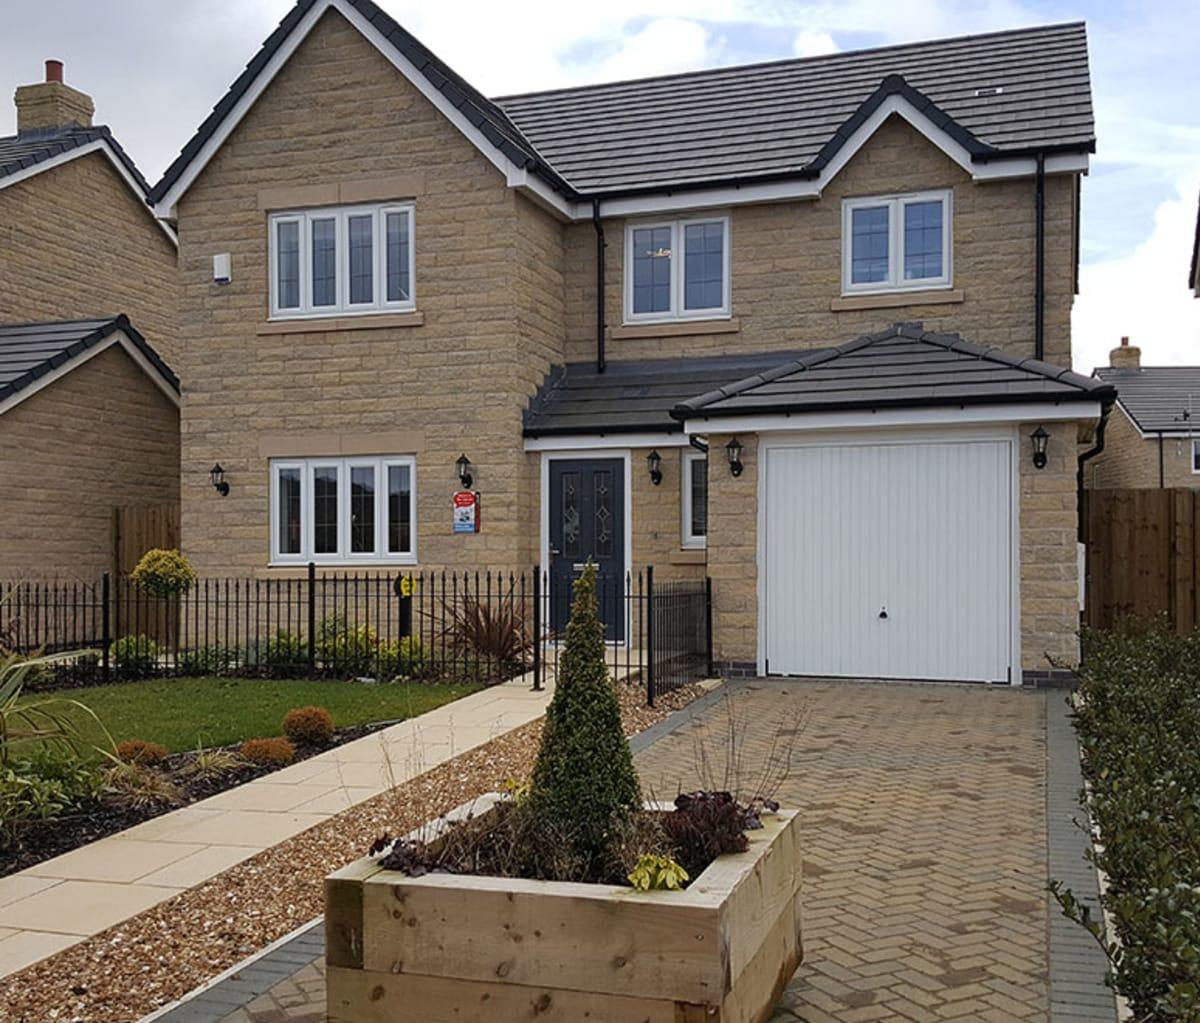 Seddon Homes' Rosebay development